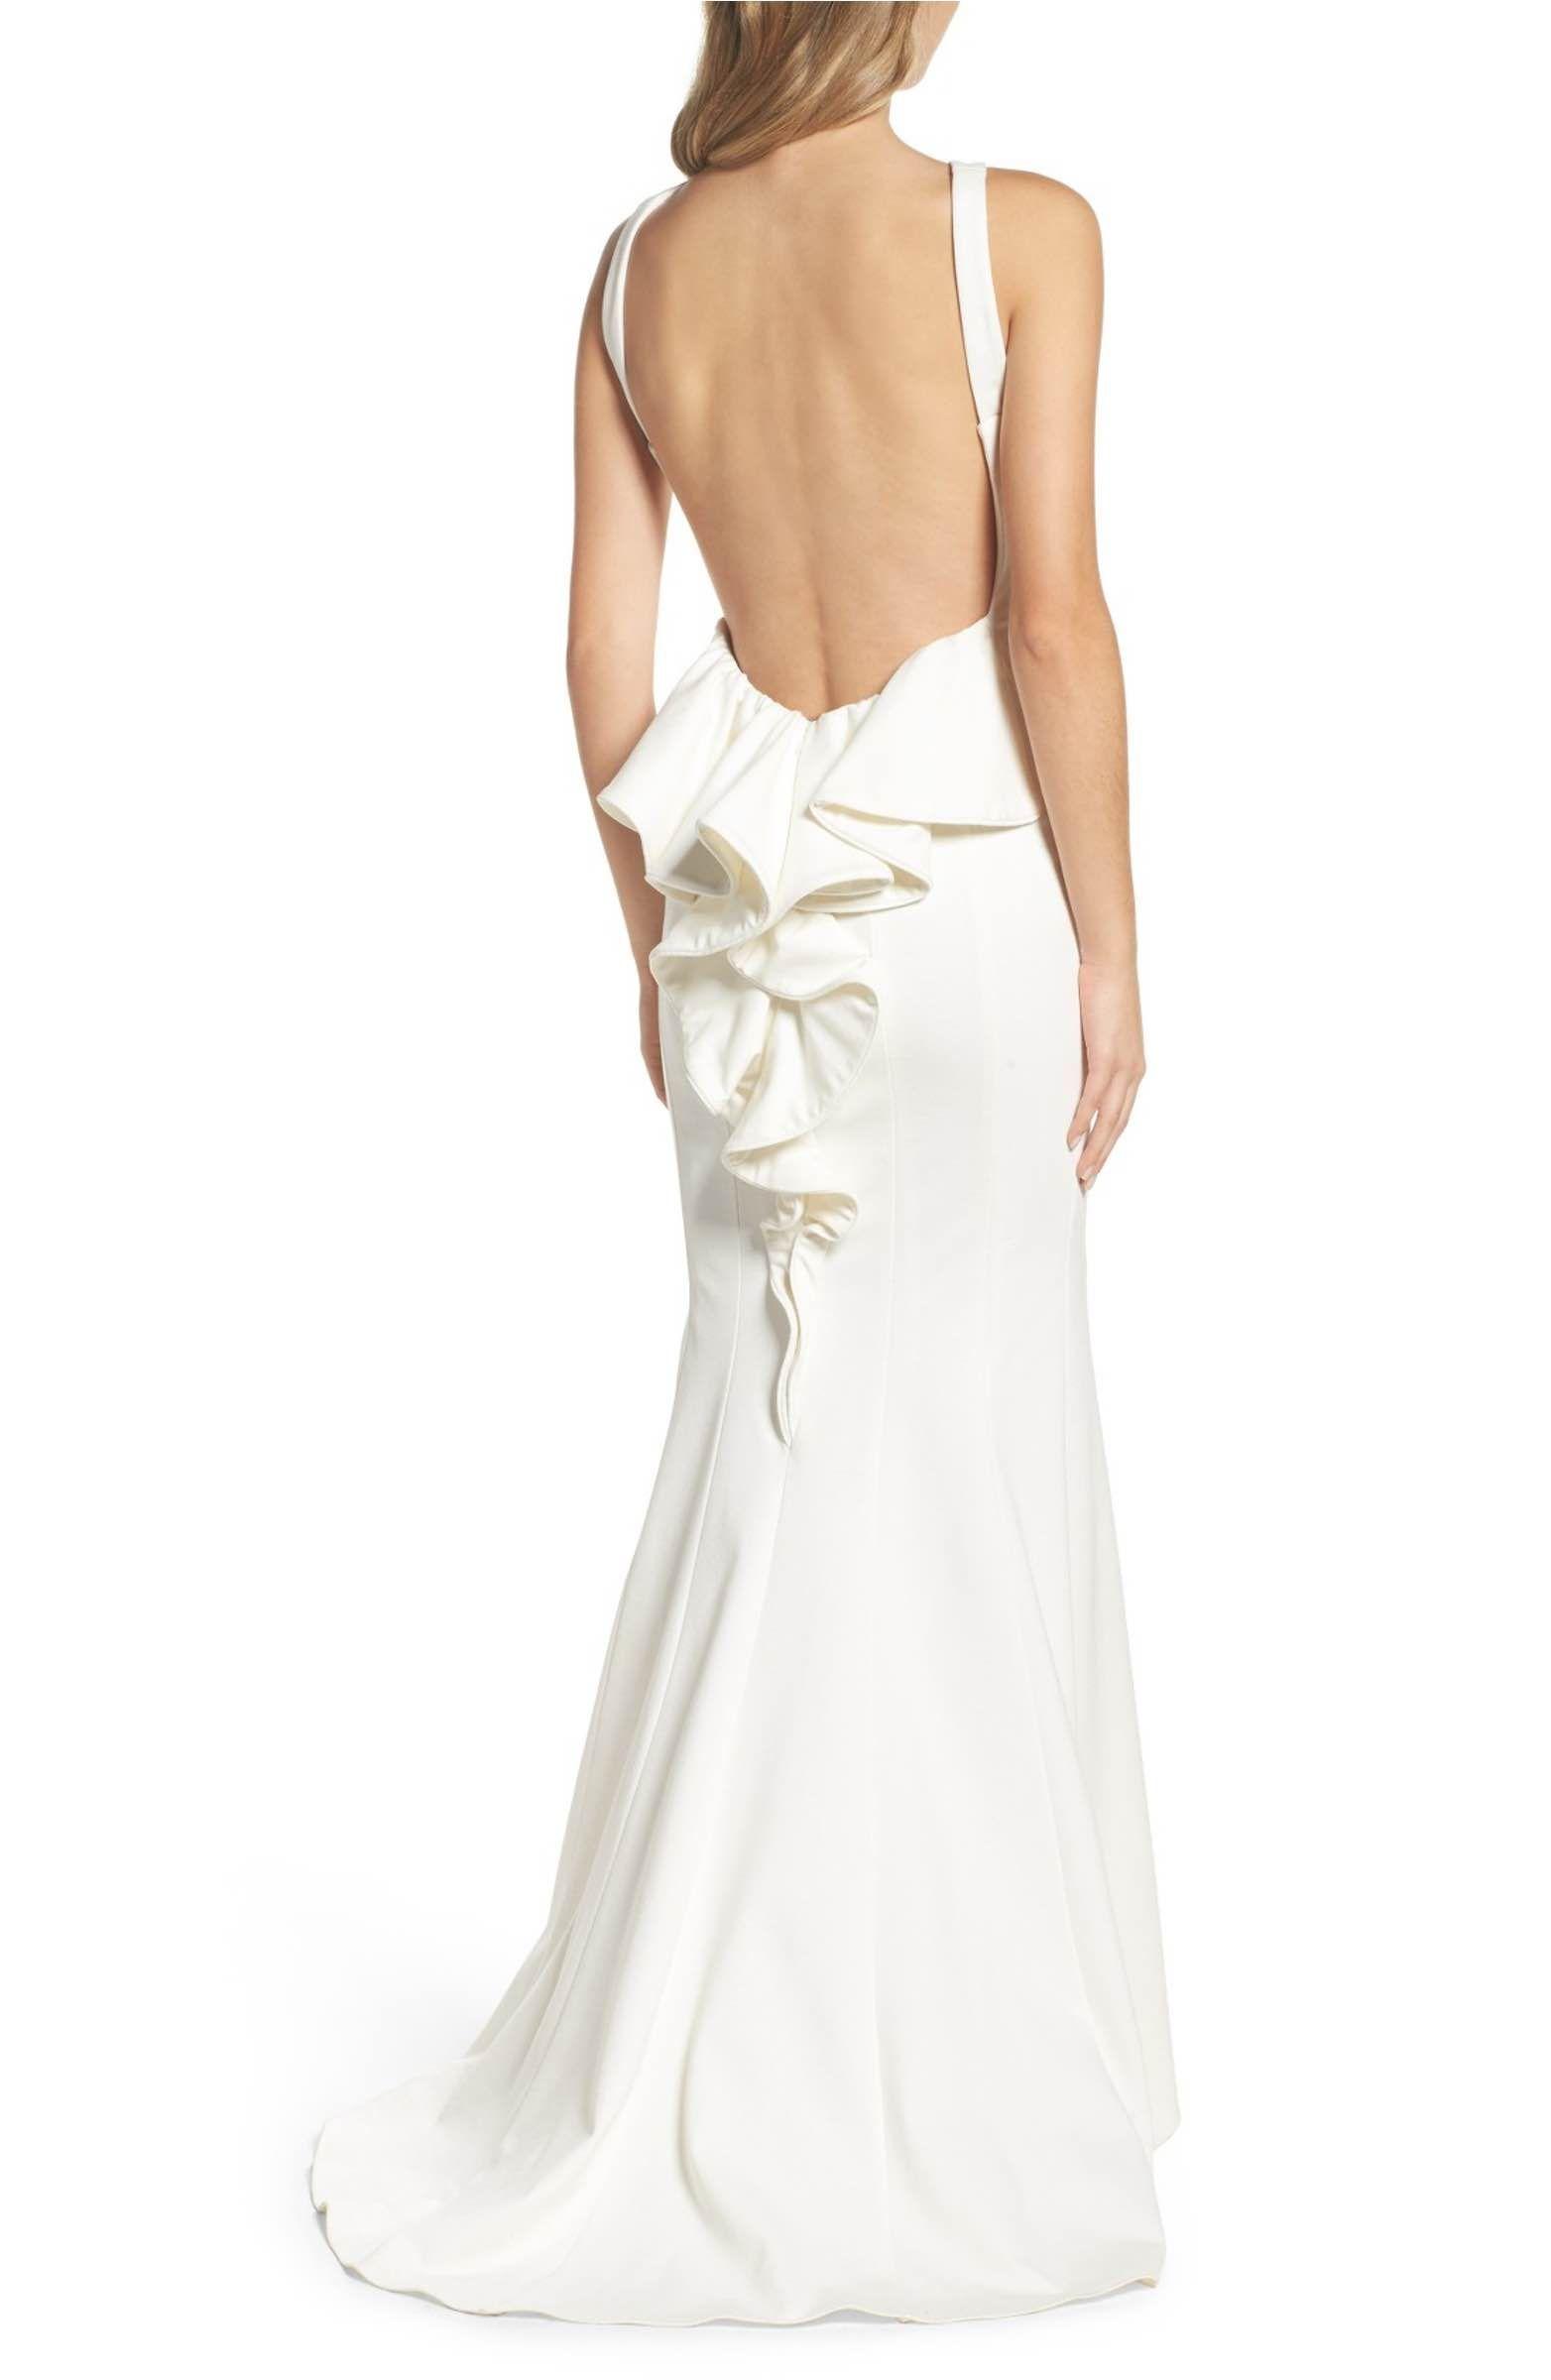 Unique Xscape Wedding Dresses Mold - Colorful Wedding Dress Ideas ...